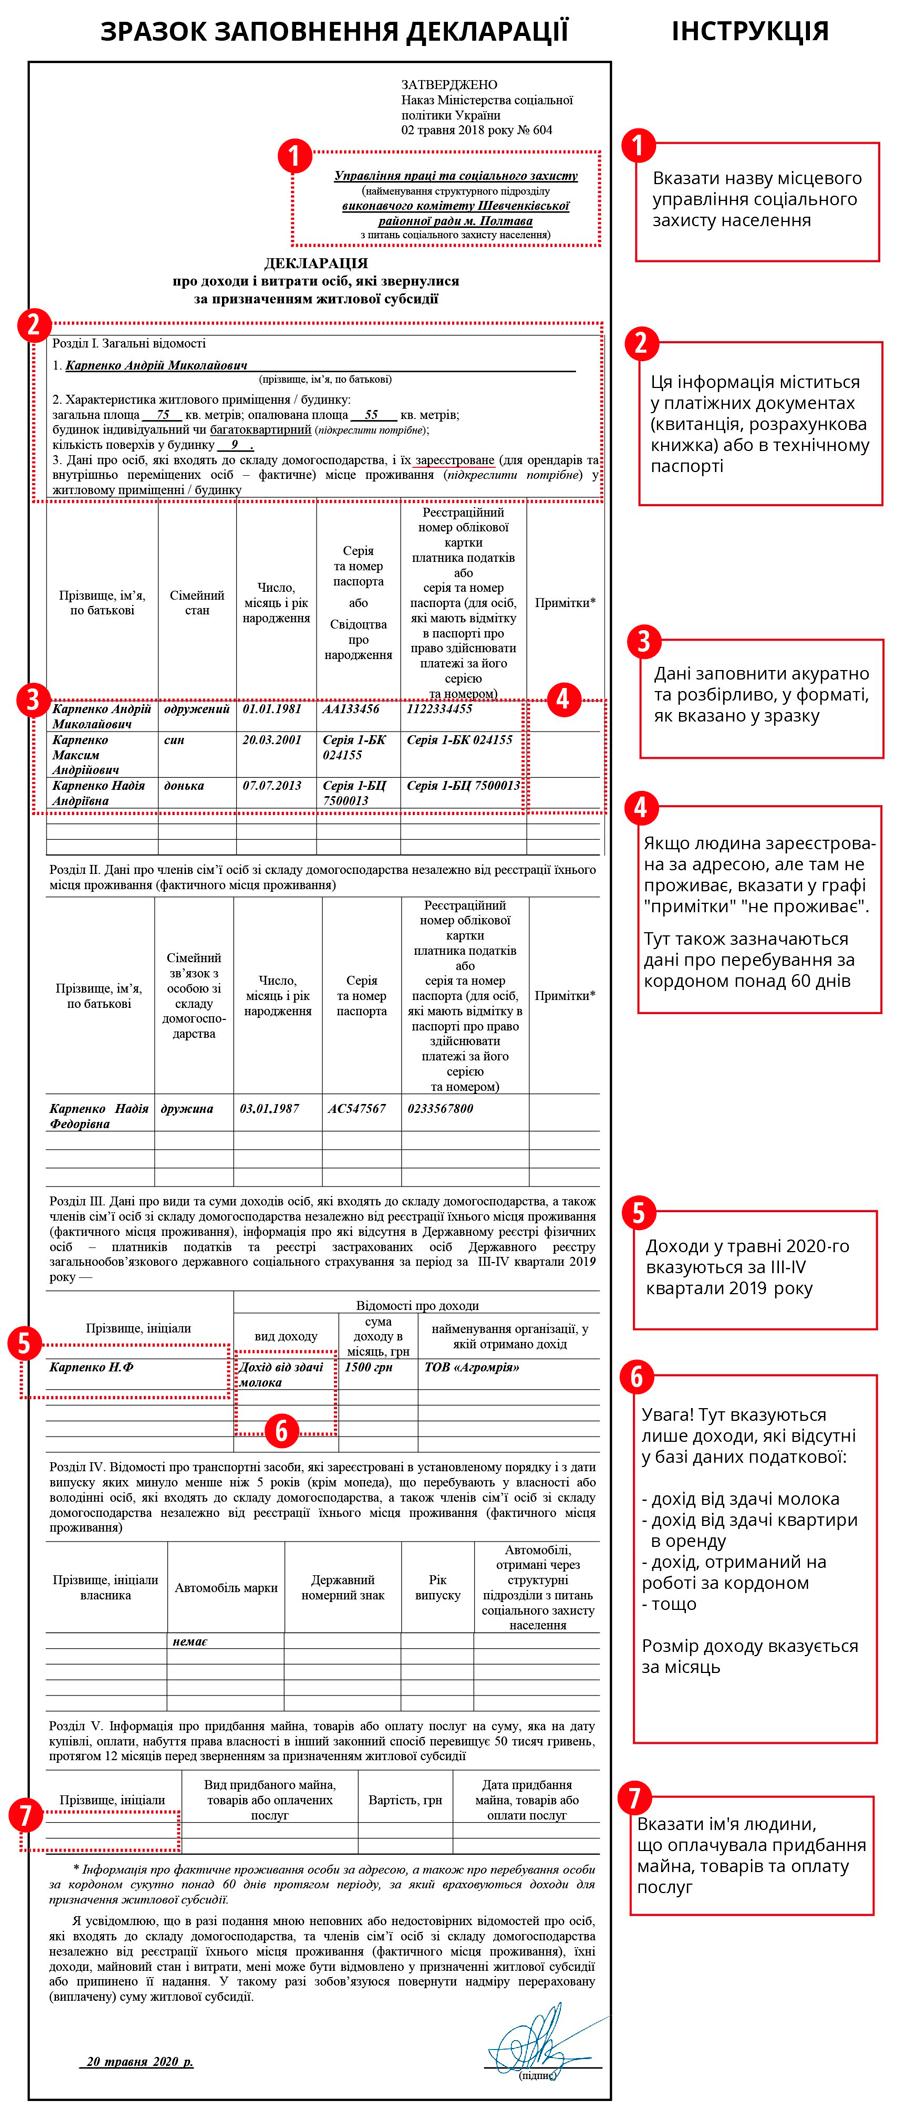 Пример заполнения декларации на субсидию